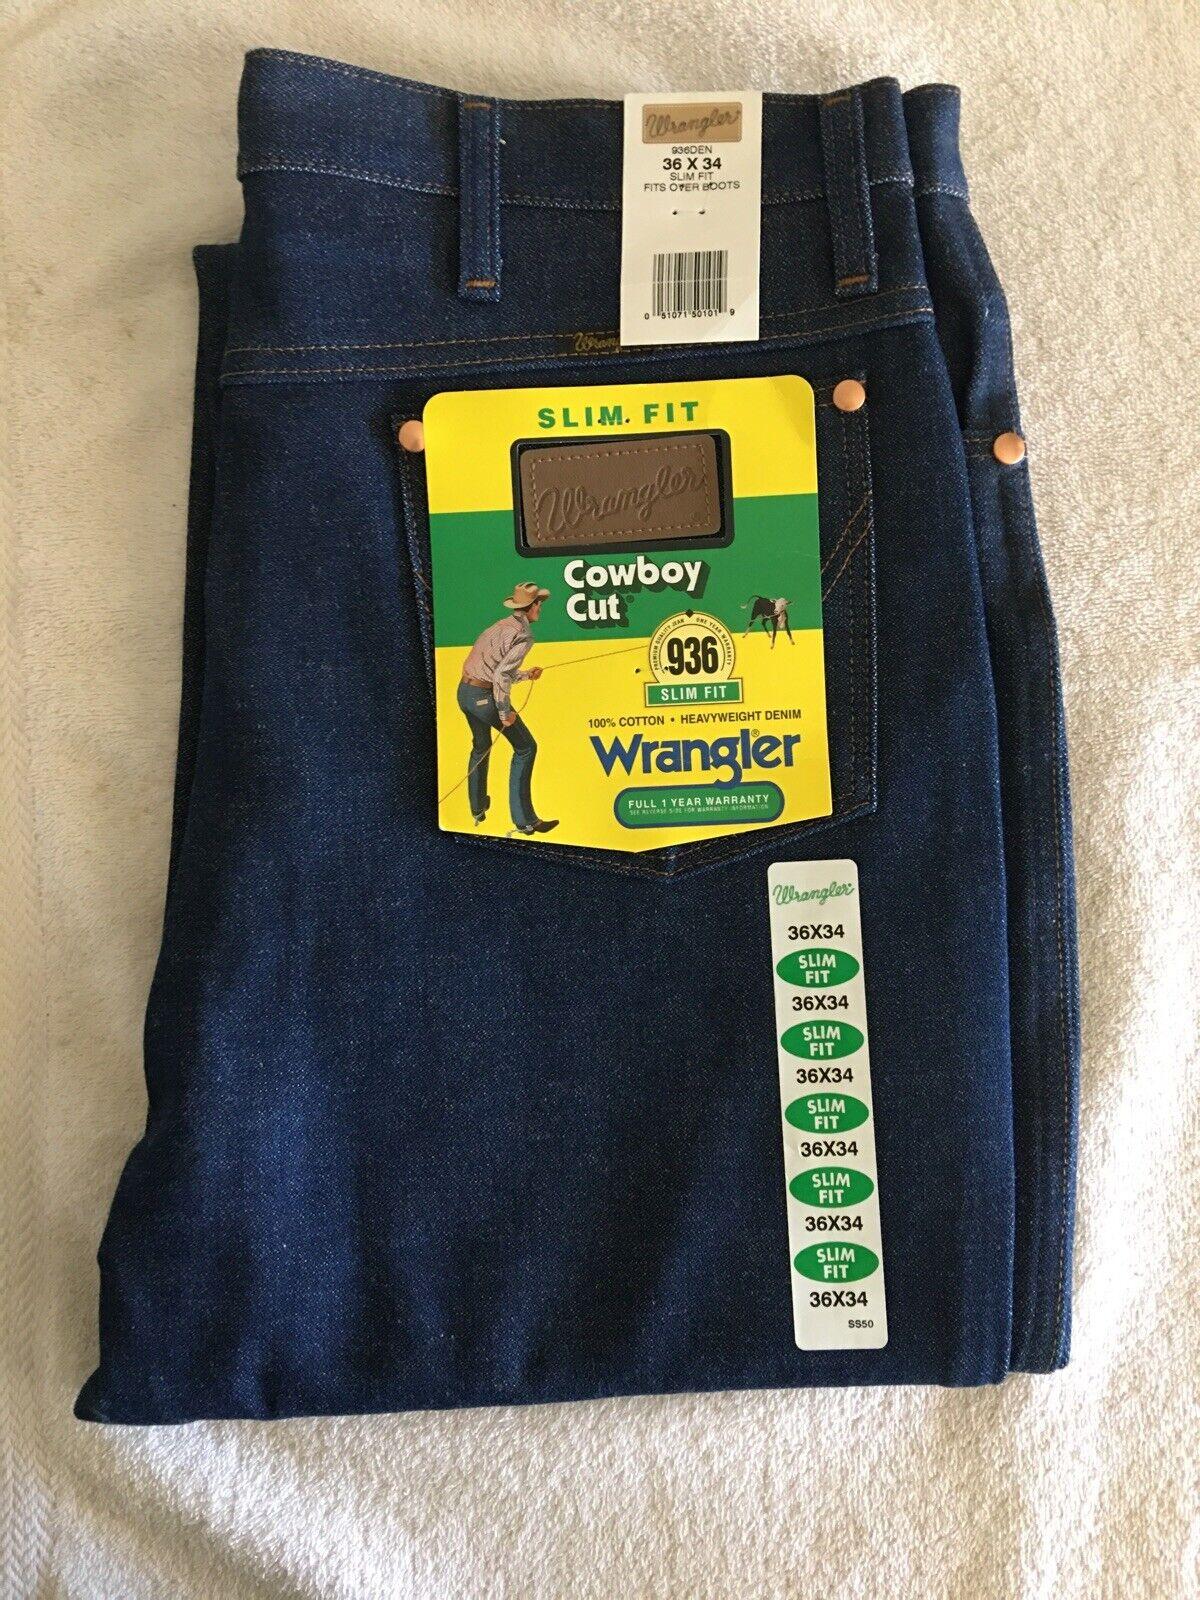 New Wrangler Cowboy Cut Slim Fit Jeans Men/'s Size 34 x 34